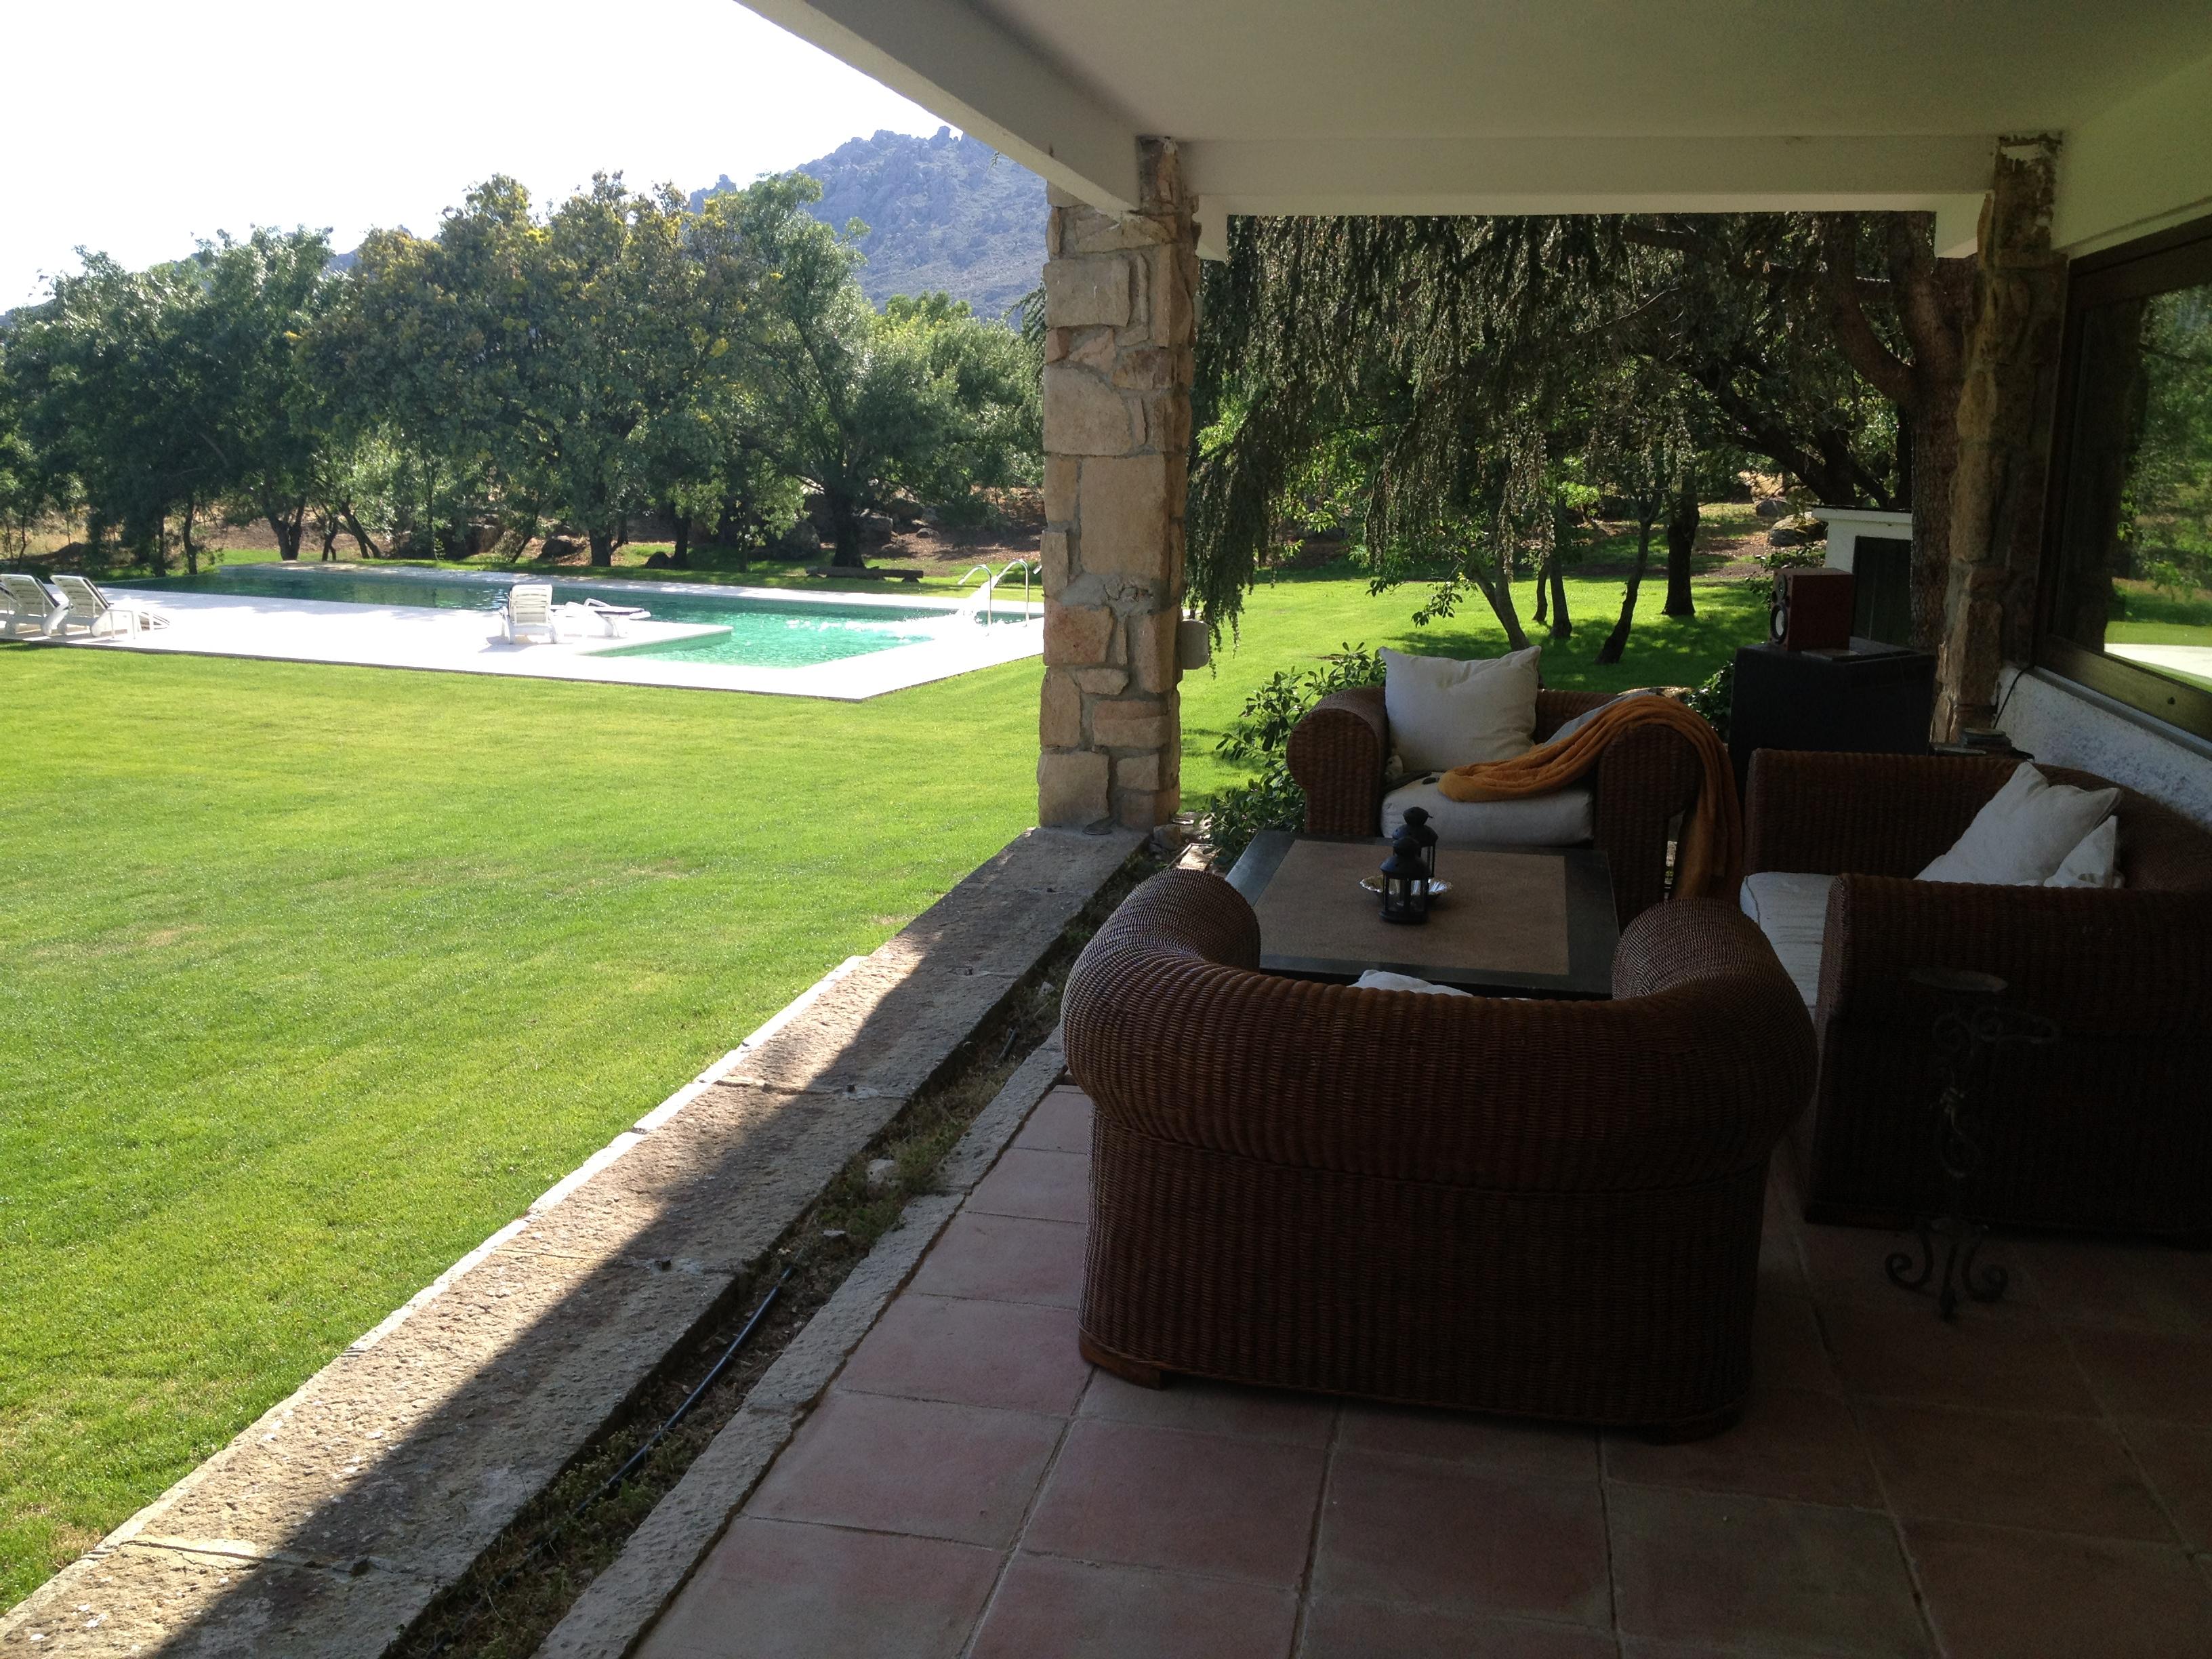 casas_rurales_perros_verano2.jpg